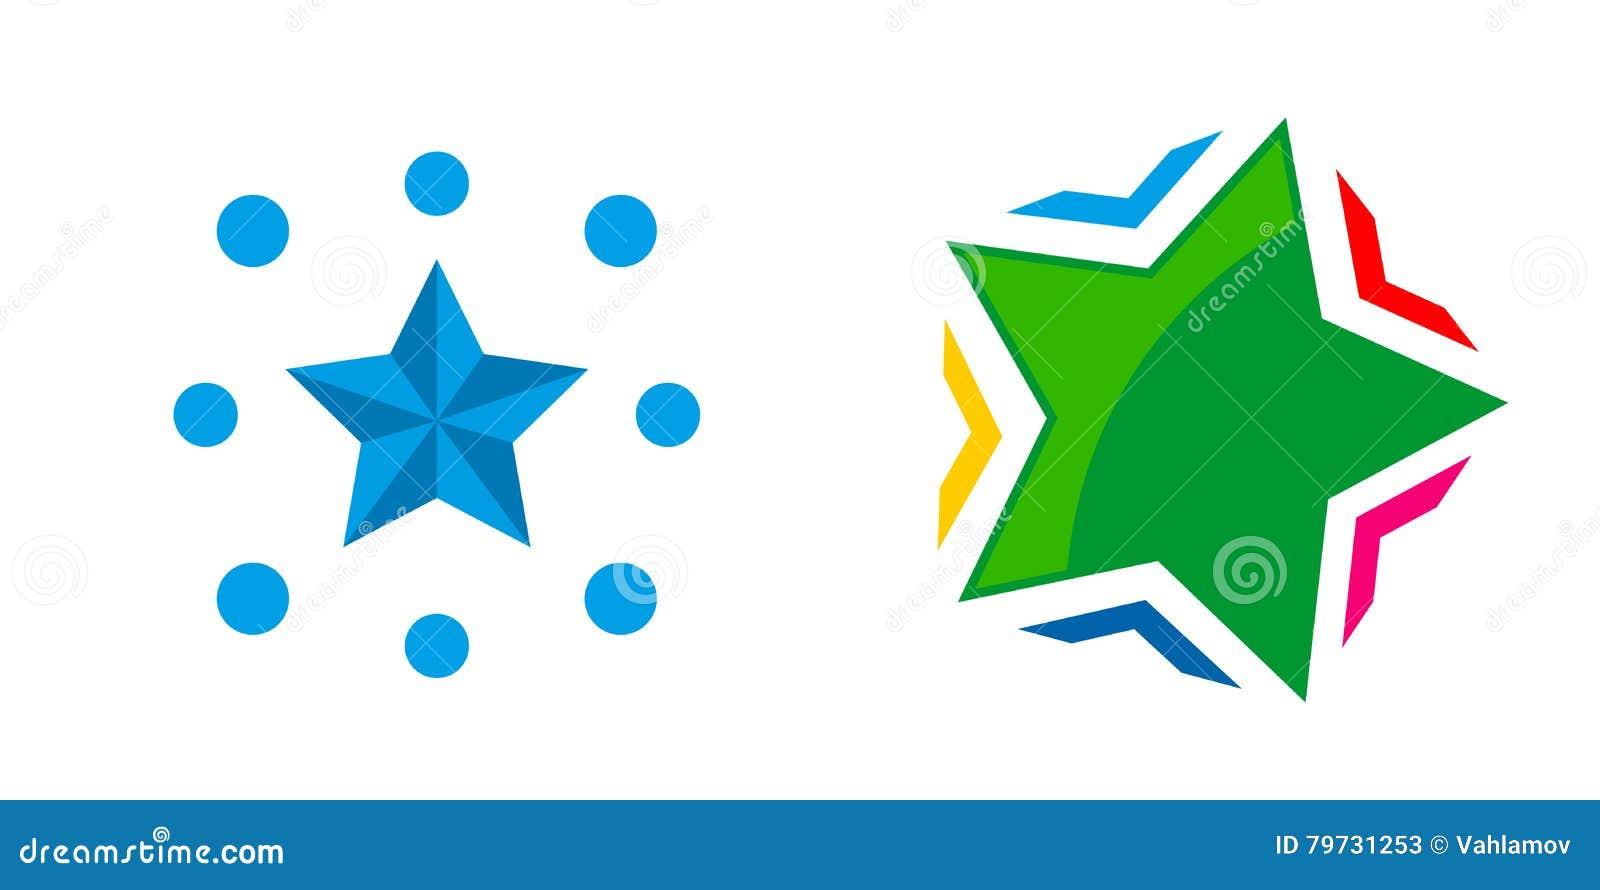 Elementos abstractos de la plantilla del diseño del icono del logotipo de la estrella